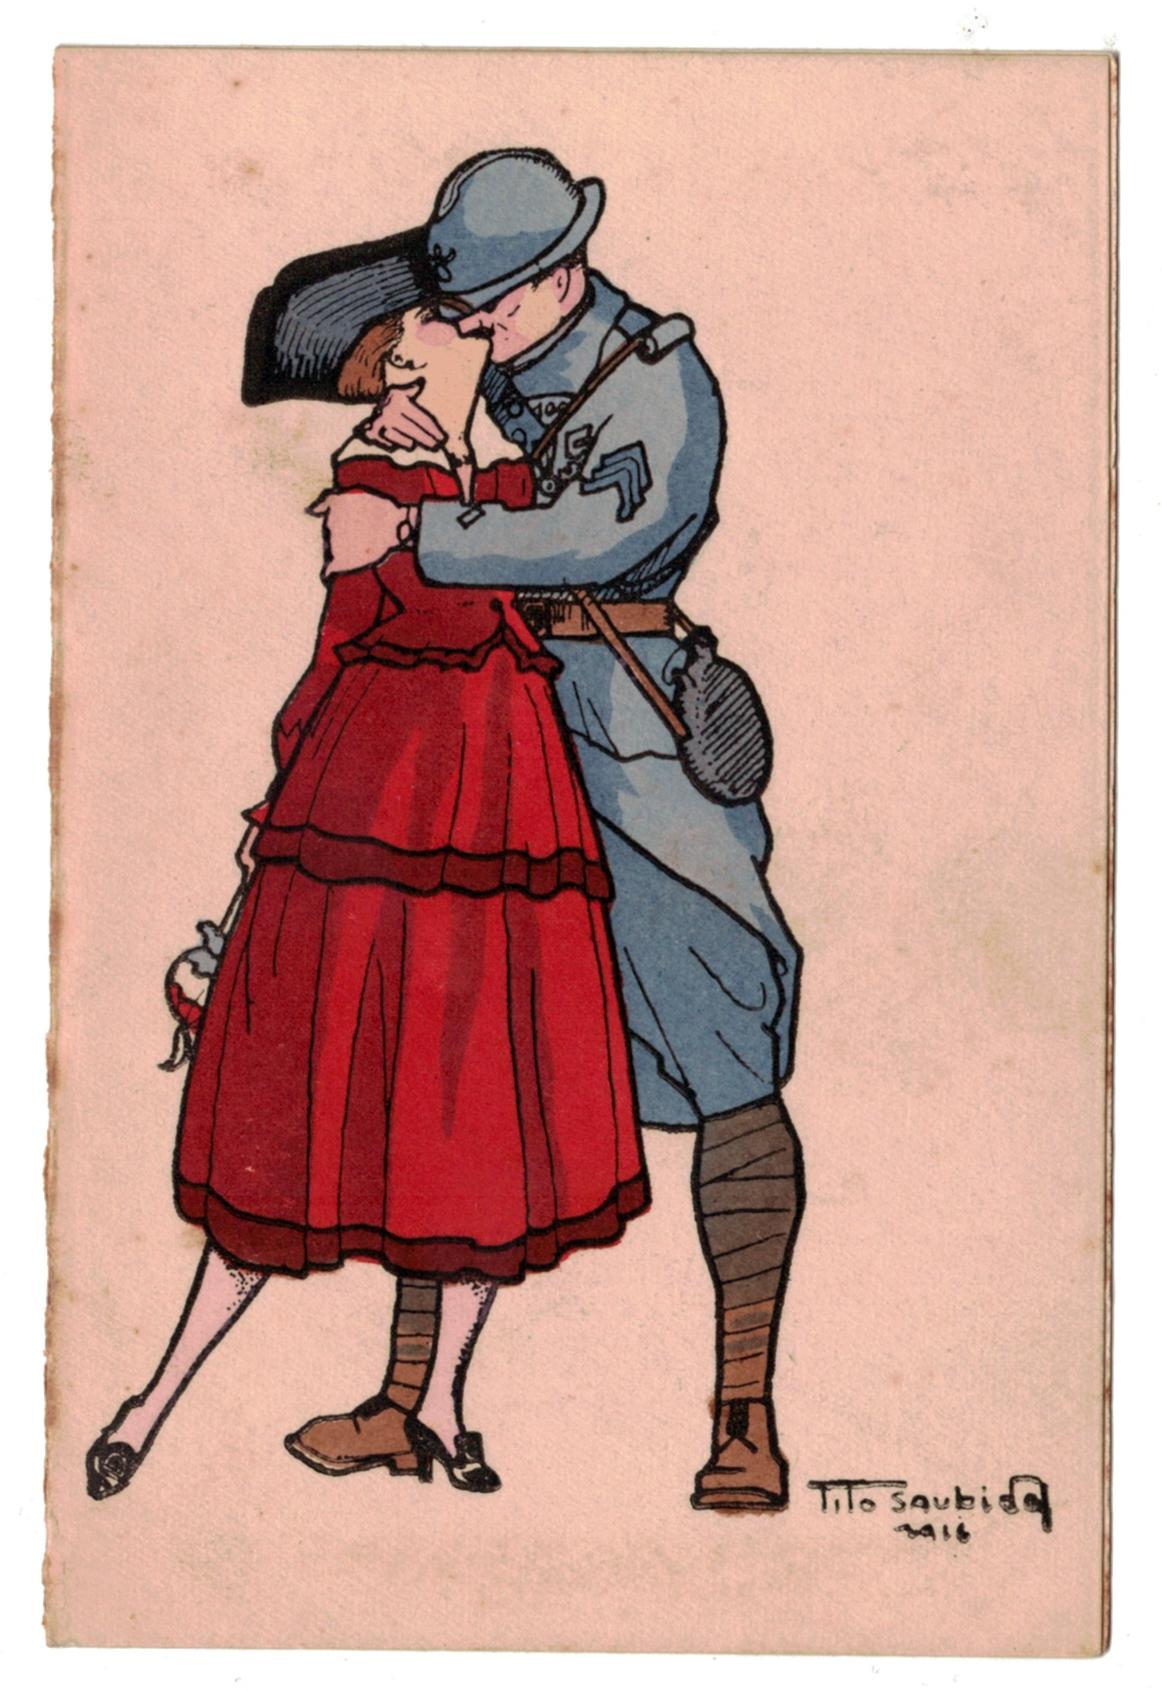 Poilu en permission et sa belle française un baiser fougueux - Tito Saubidet (1891-1955)